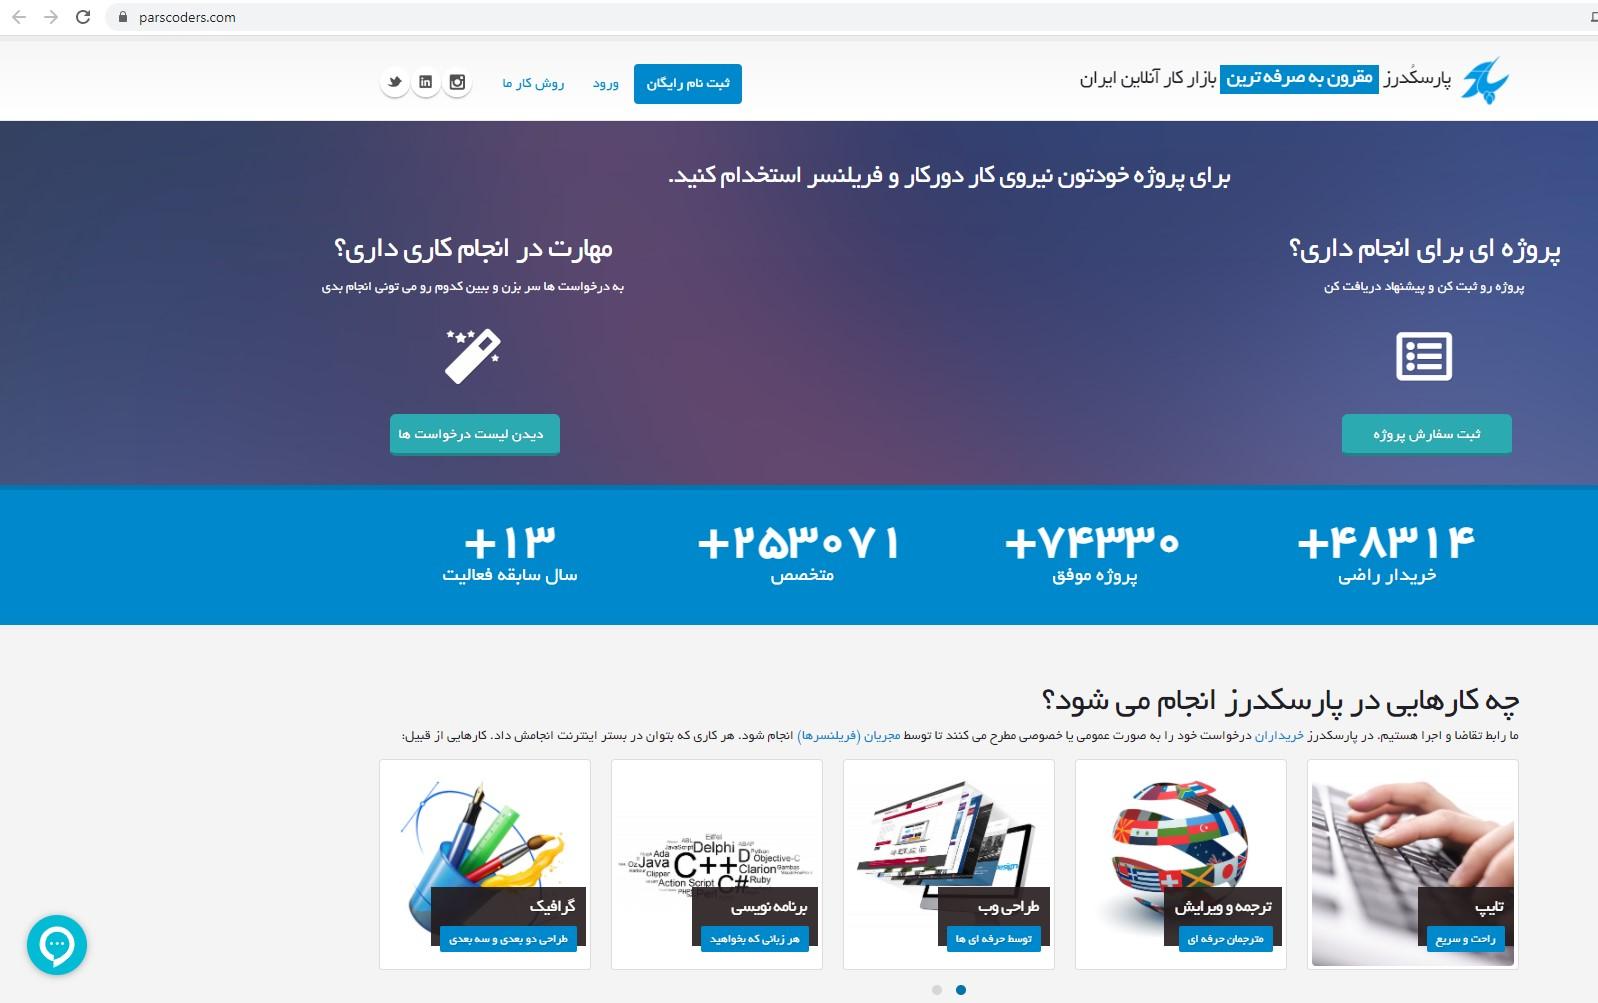 پارسکدز با قدمتی بیش از دو سال را باید اولین بازار کار آنلاین مناسب فریلسنرها در ایران توصیف کرد.